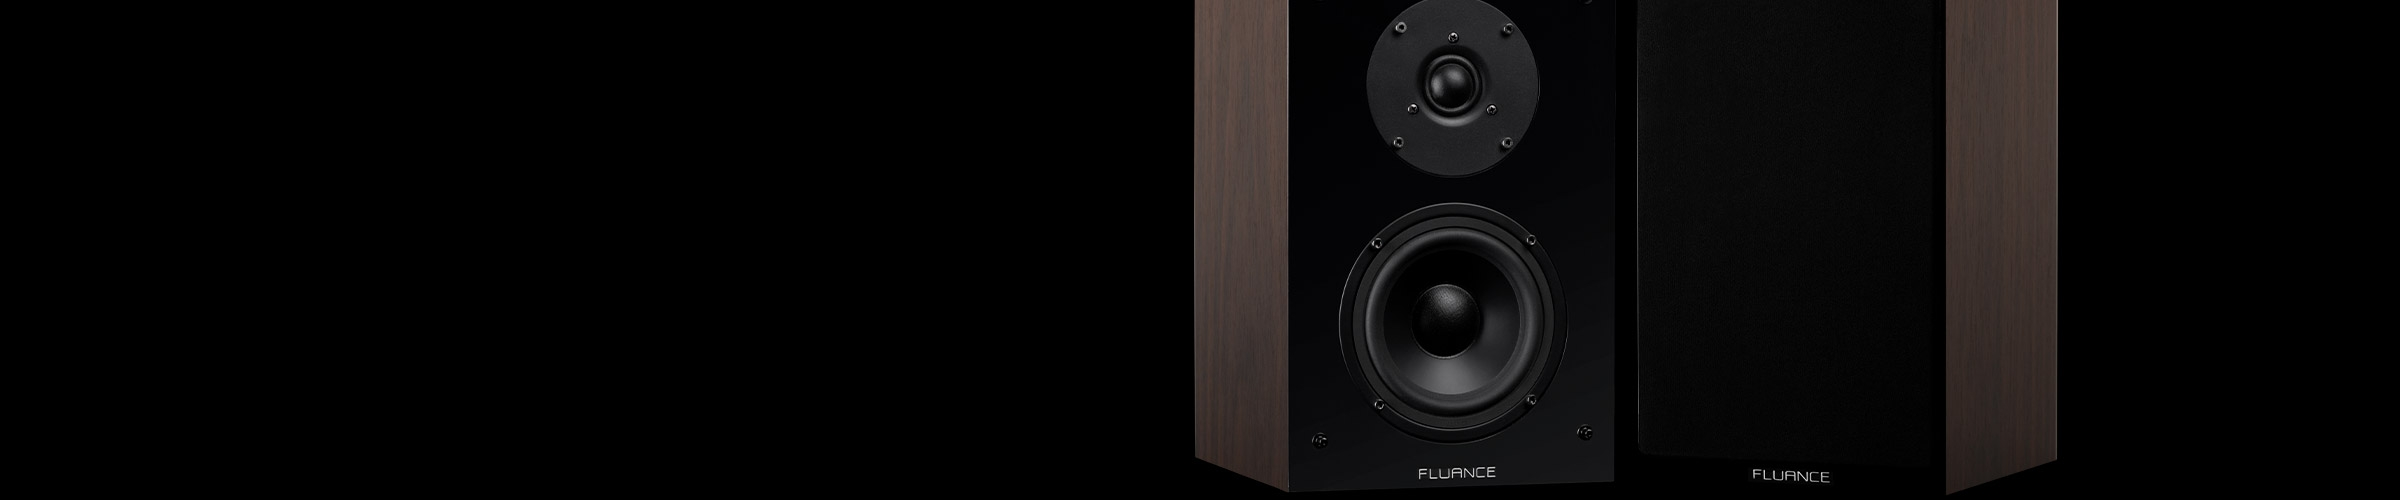 SX6-BK Bookshelf Surround Sound Speakers Premium Features